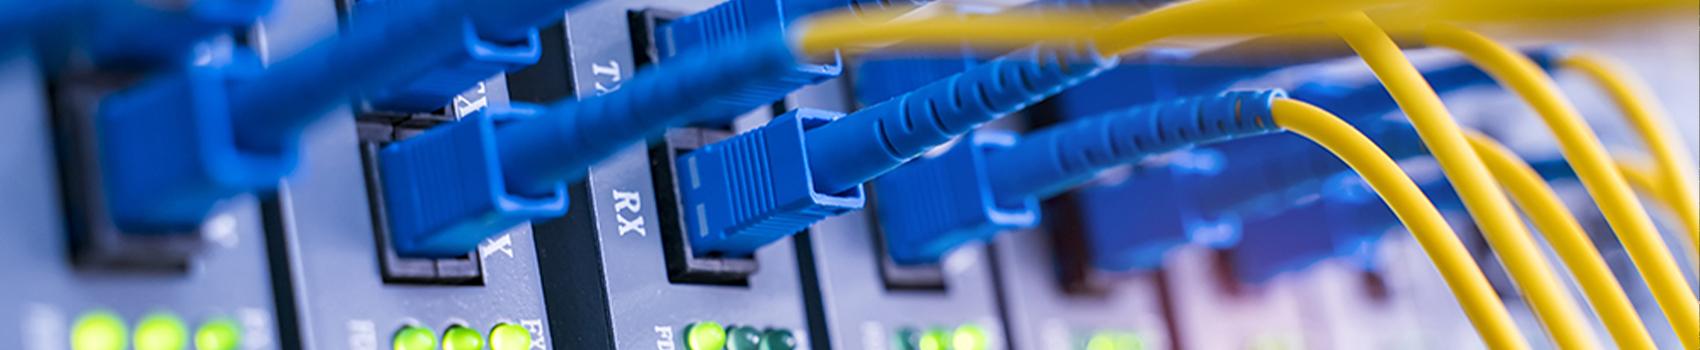 sce-domaine-territoires-connectes_1700x350